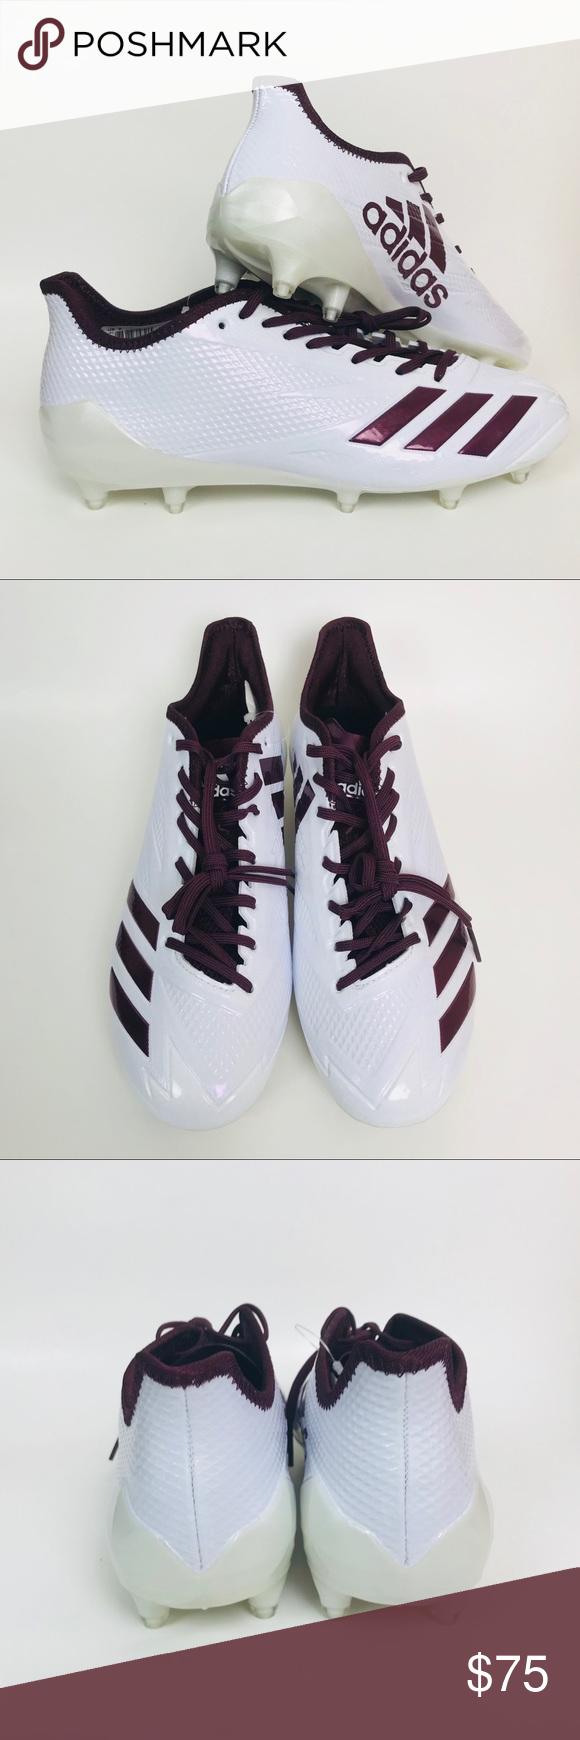 best service 54e7f 9f768 Adidas Adizero 5 Star 6.0 Football Cleats BW1084 NIB Mens Adidas Adizero 5  Star 6.0 Football